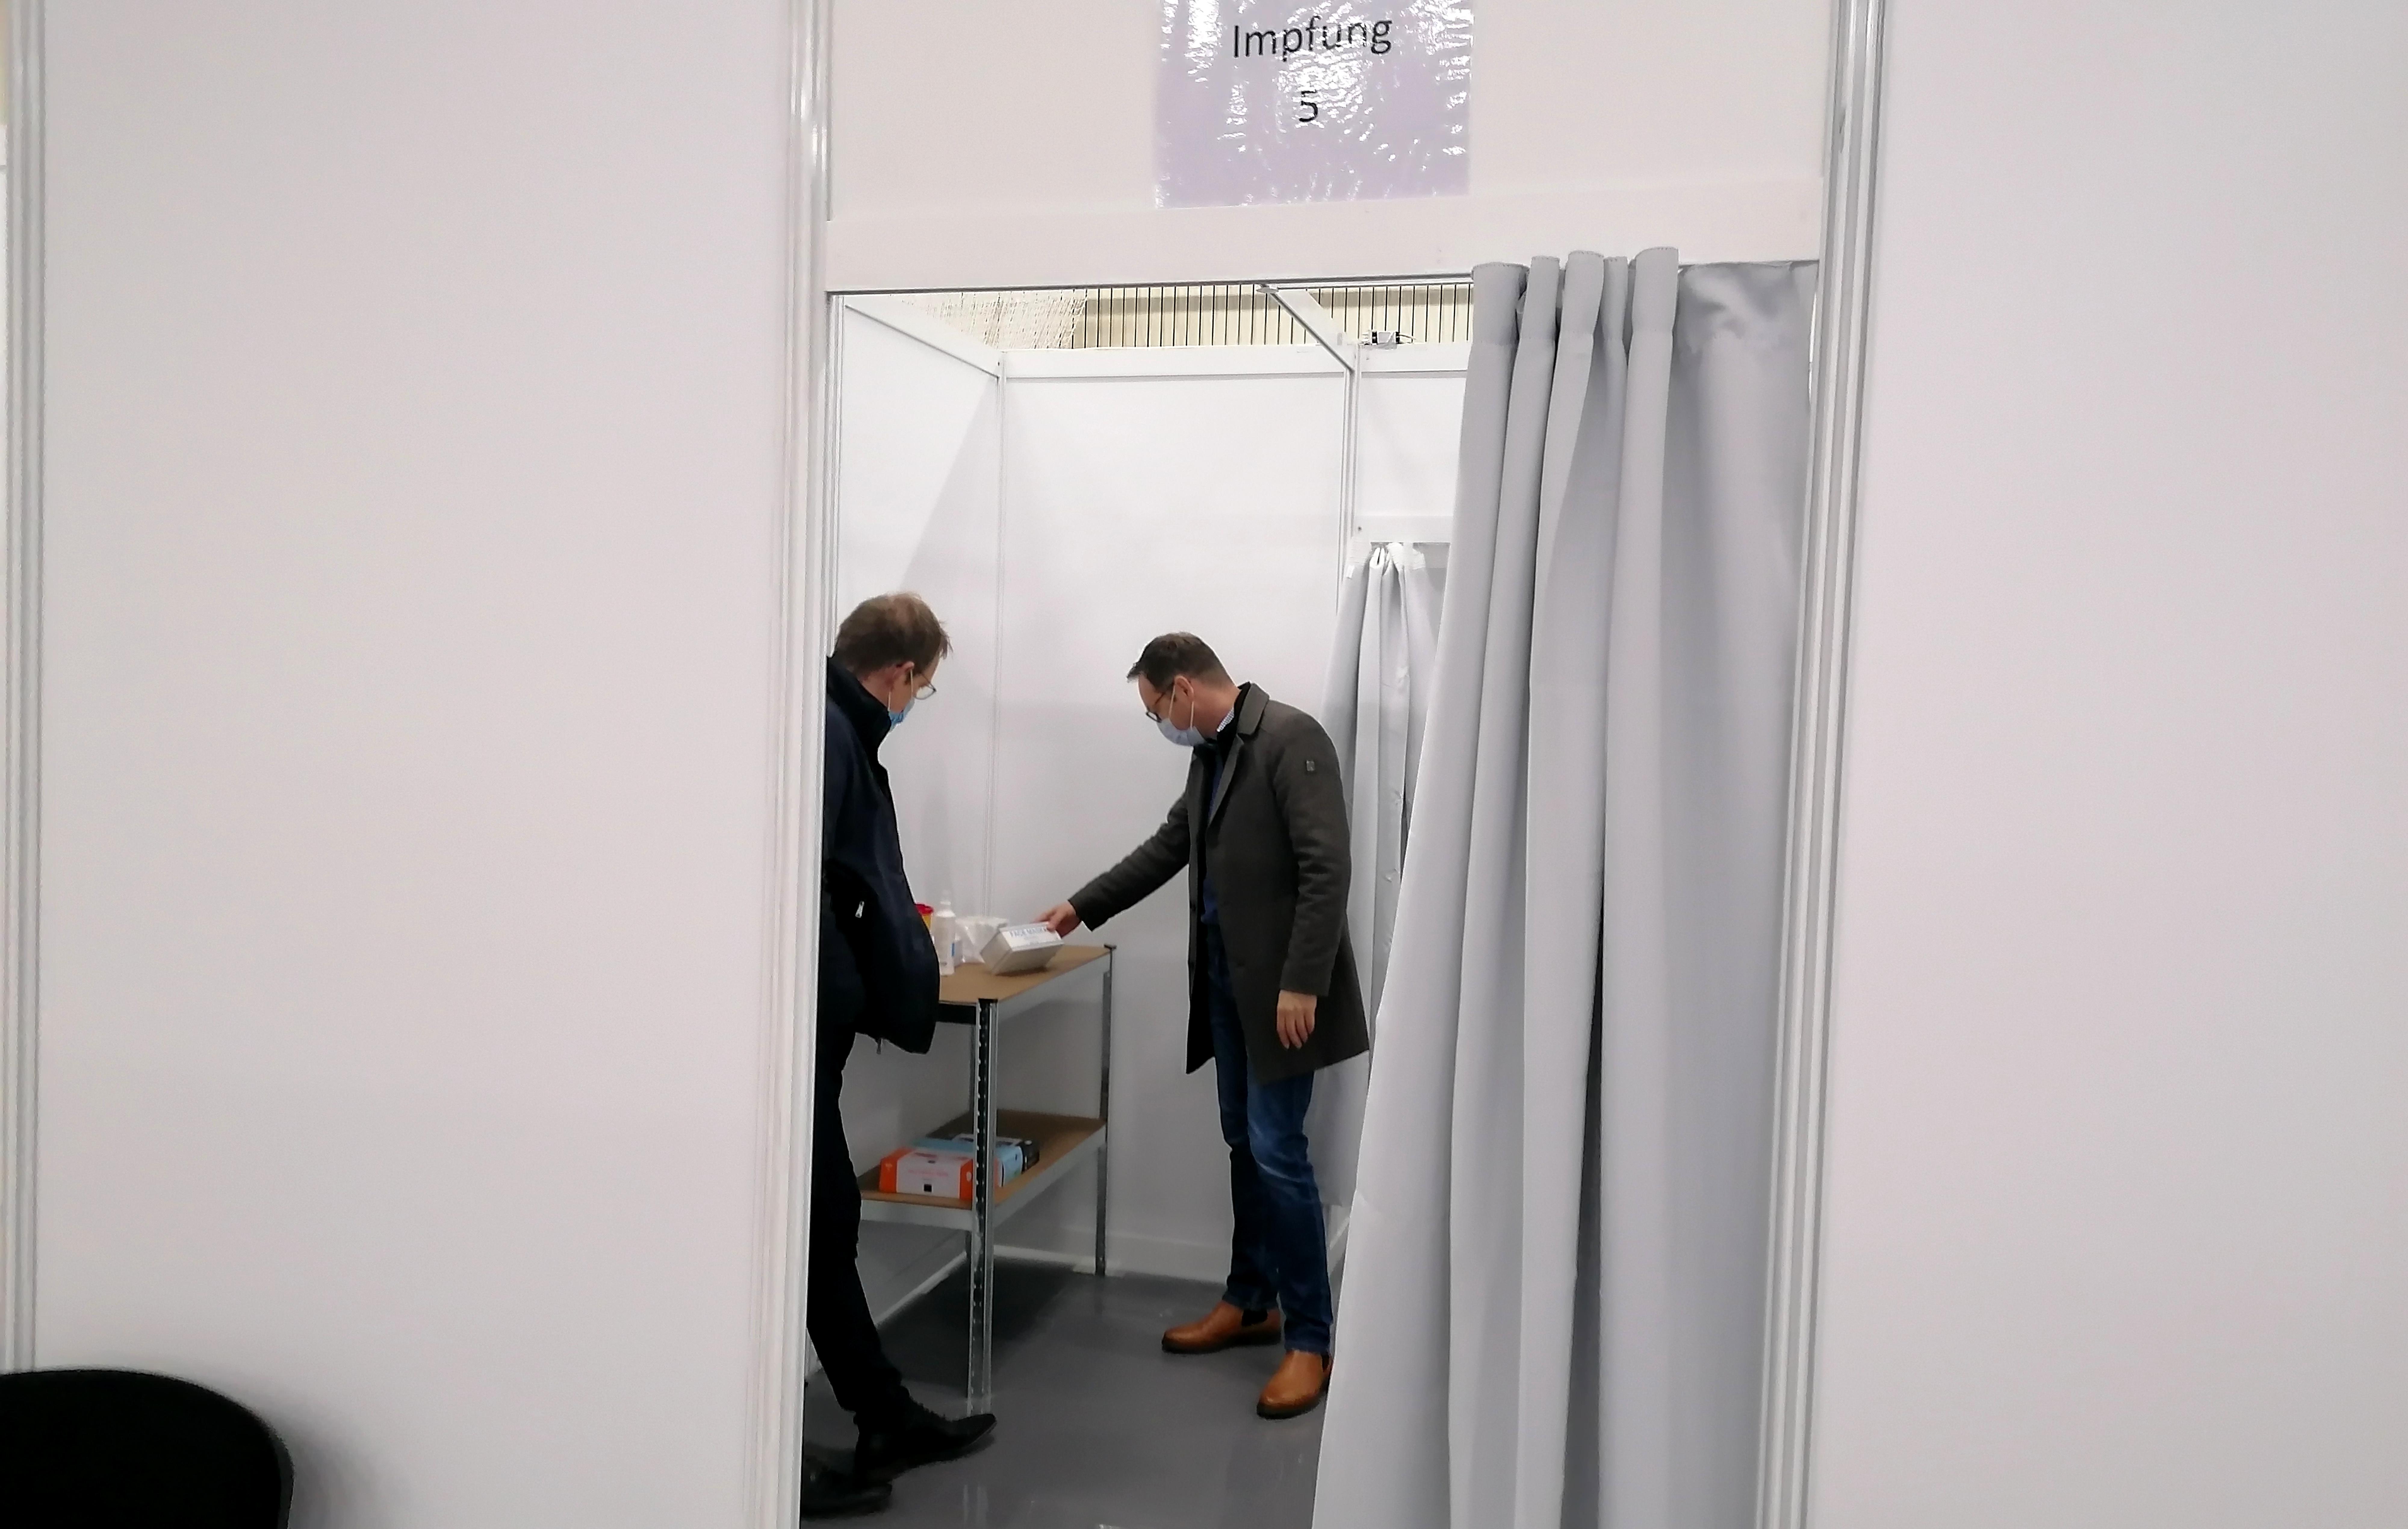 """SPD-Landtagskandidat Dr. Alexander Wilhelm im Impfzentrum Polch: """"Voller Hoffnung in besseres Neues Jahr!"""" (Pressemitteilung)"""